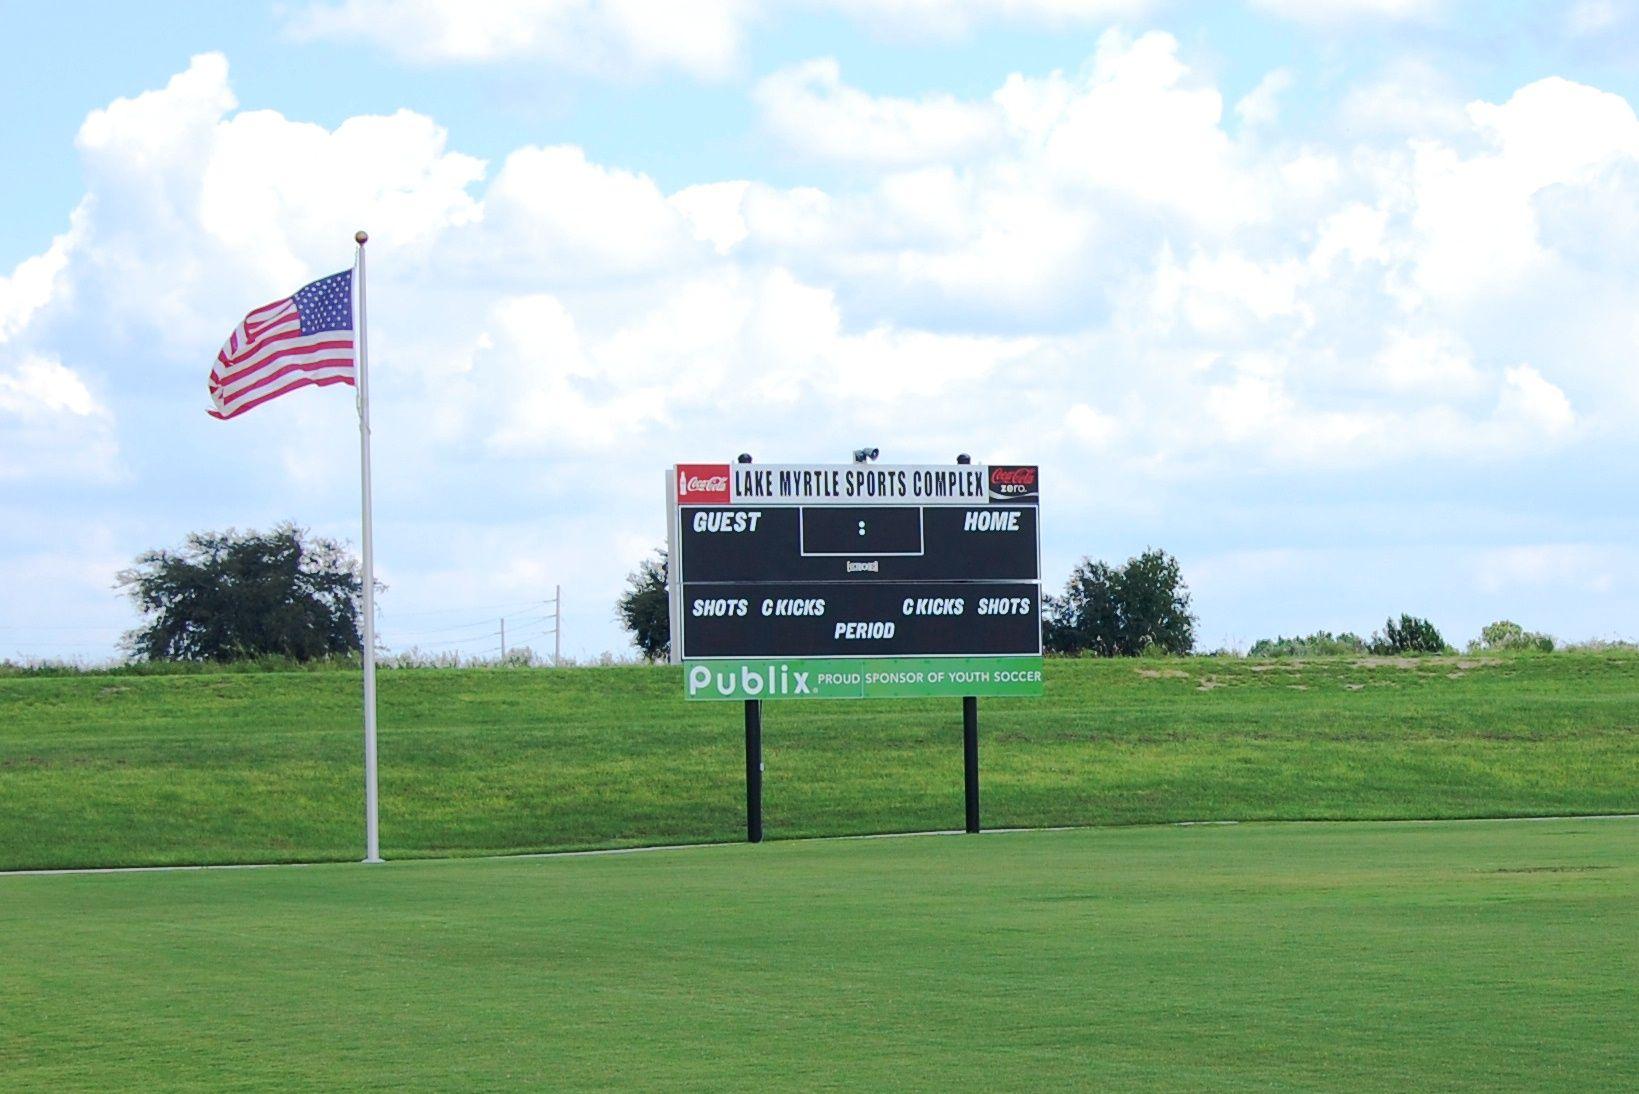 Lake Myrtle Sports Park in Auburndale, Florida